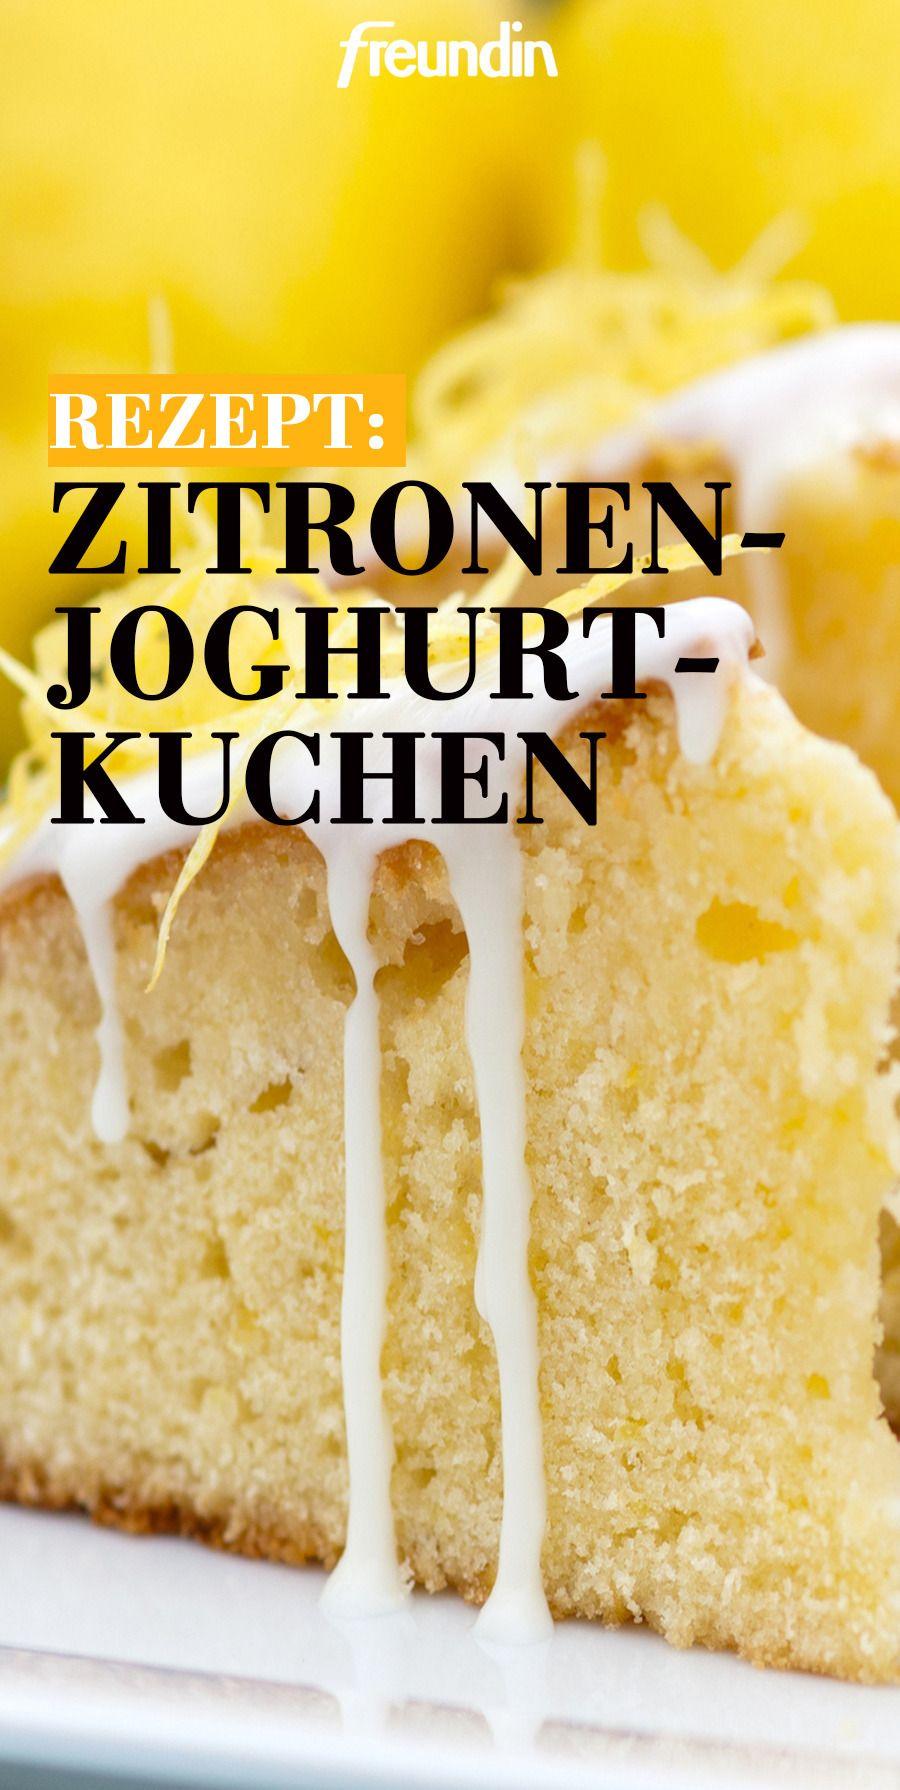 Diesen Zitronen-Joghurt-Kuchen müssen Sie unbedingt nachbacken | freundin.de